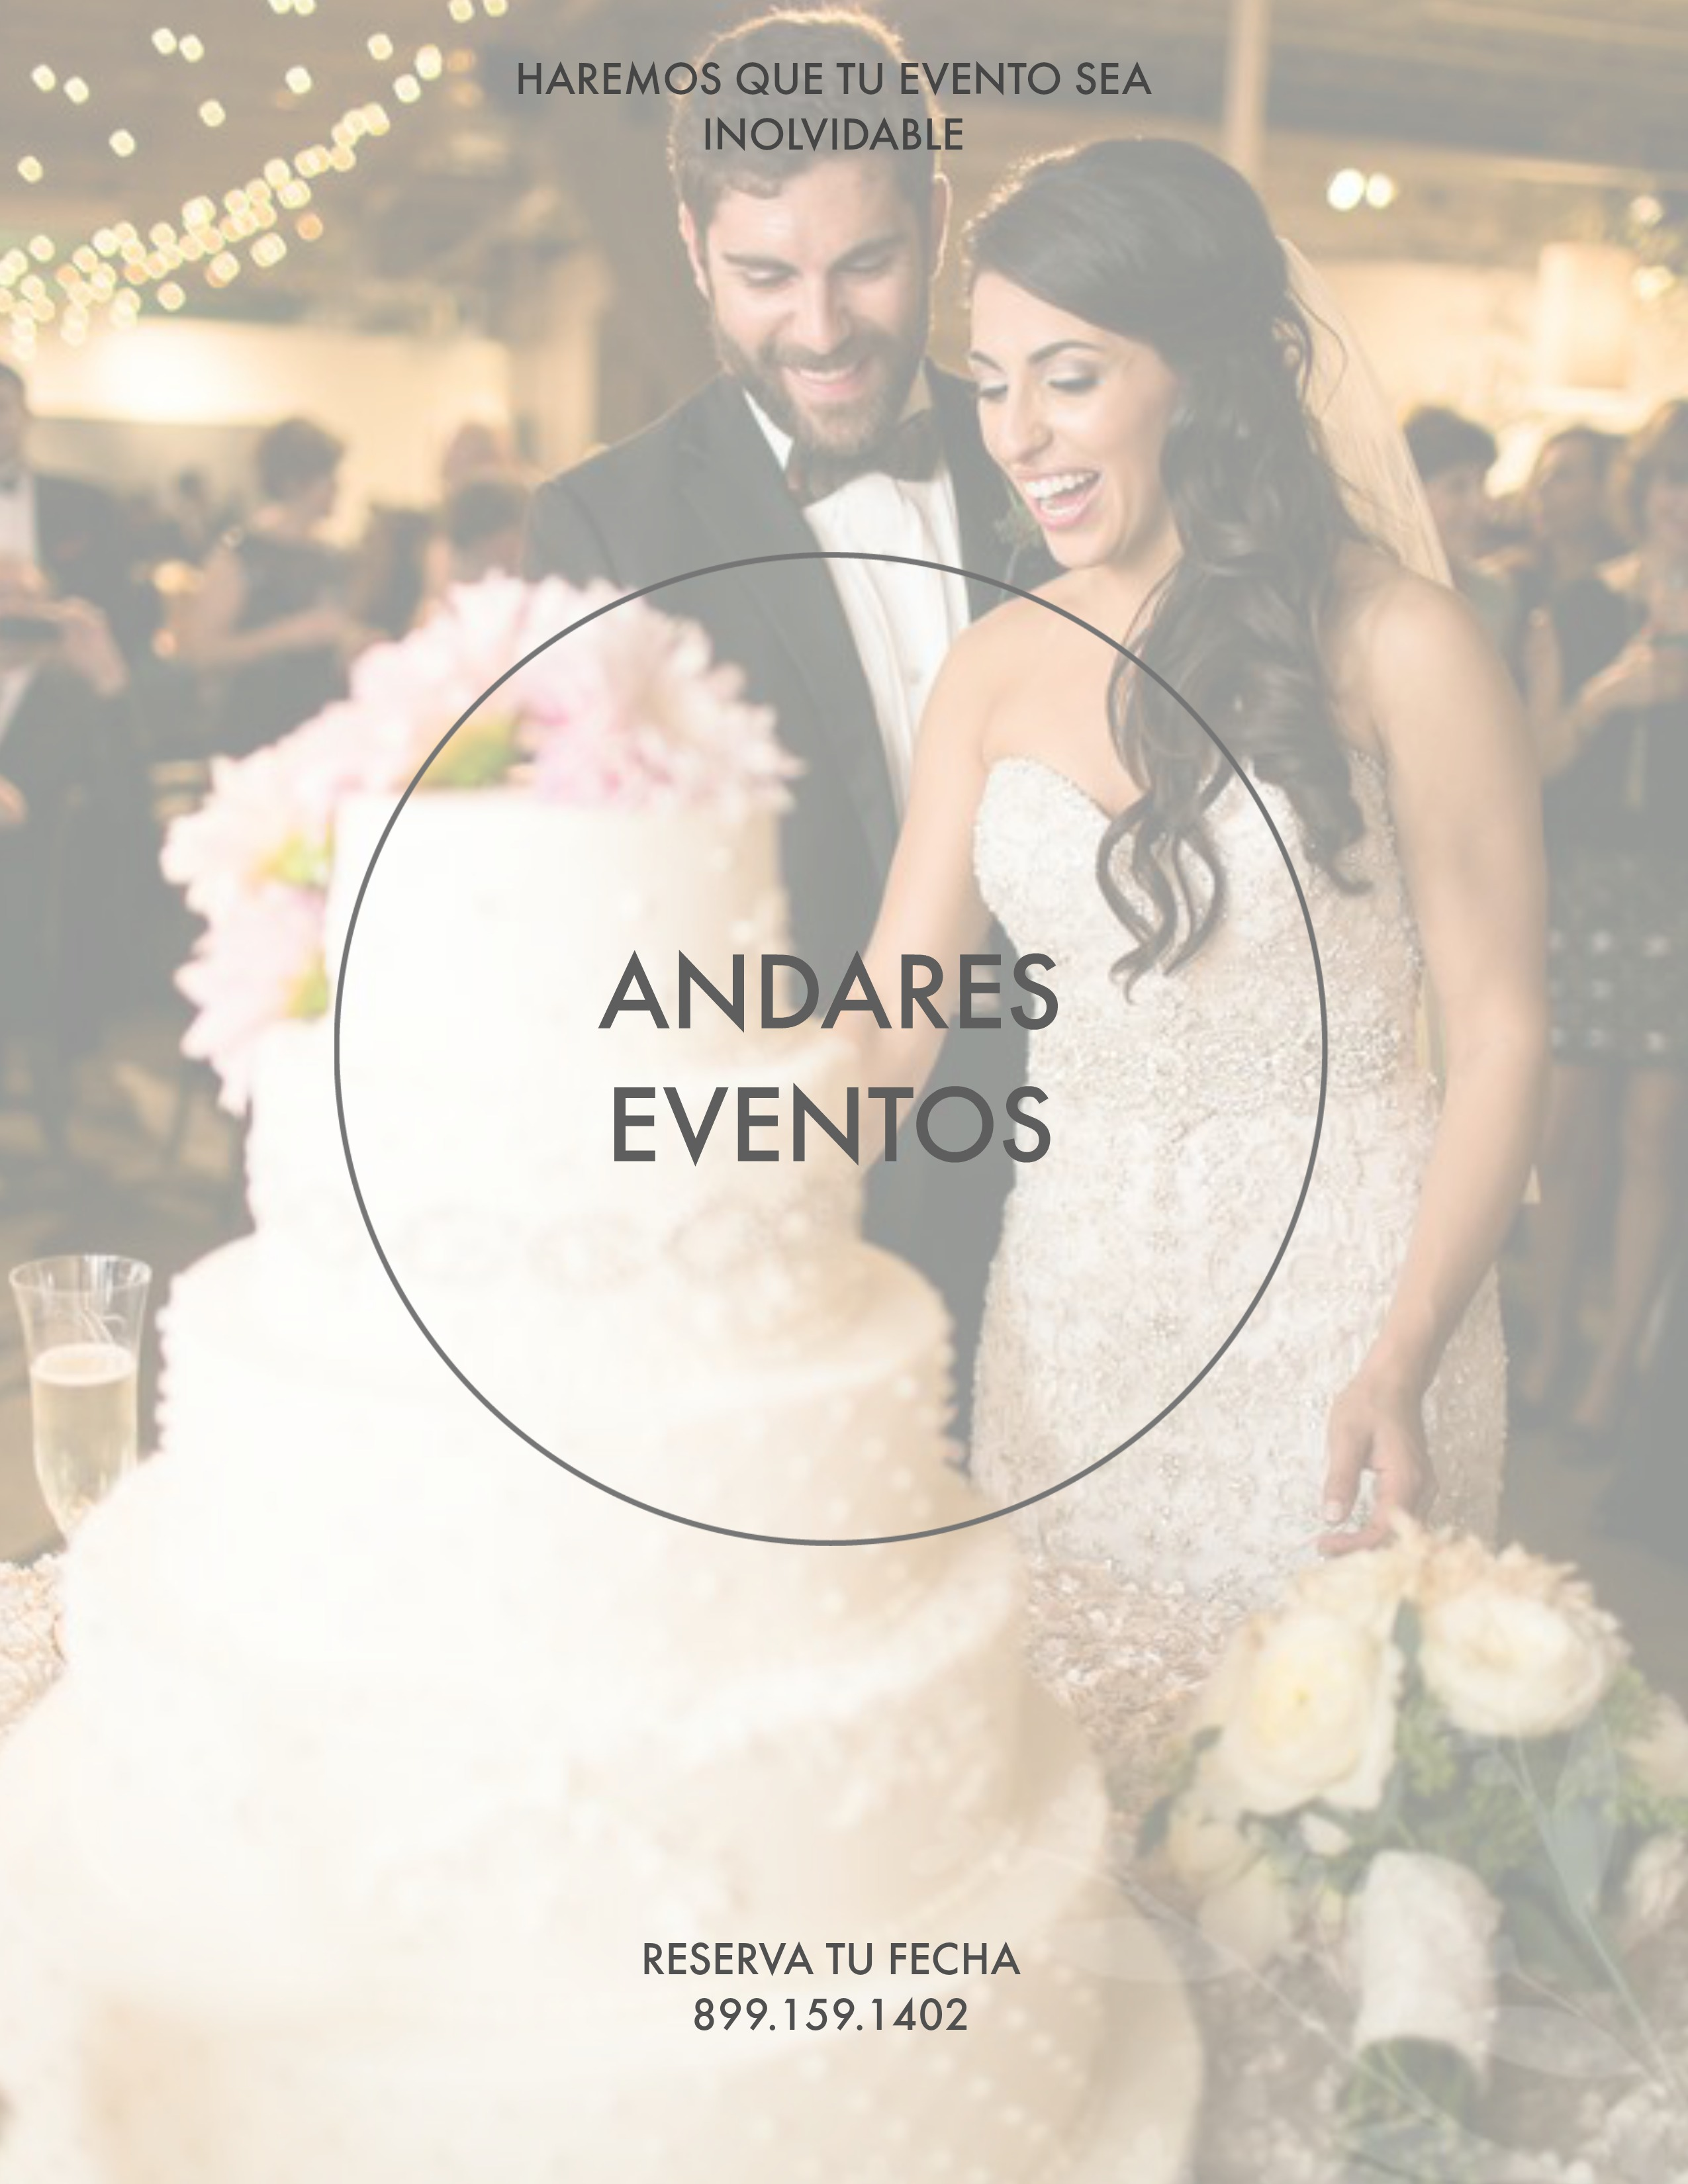 ¿Como hacer tu boda inolvidable?